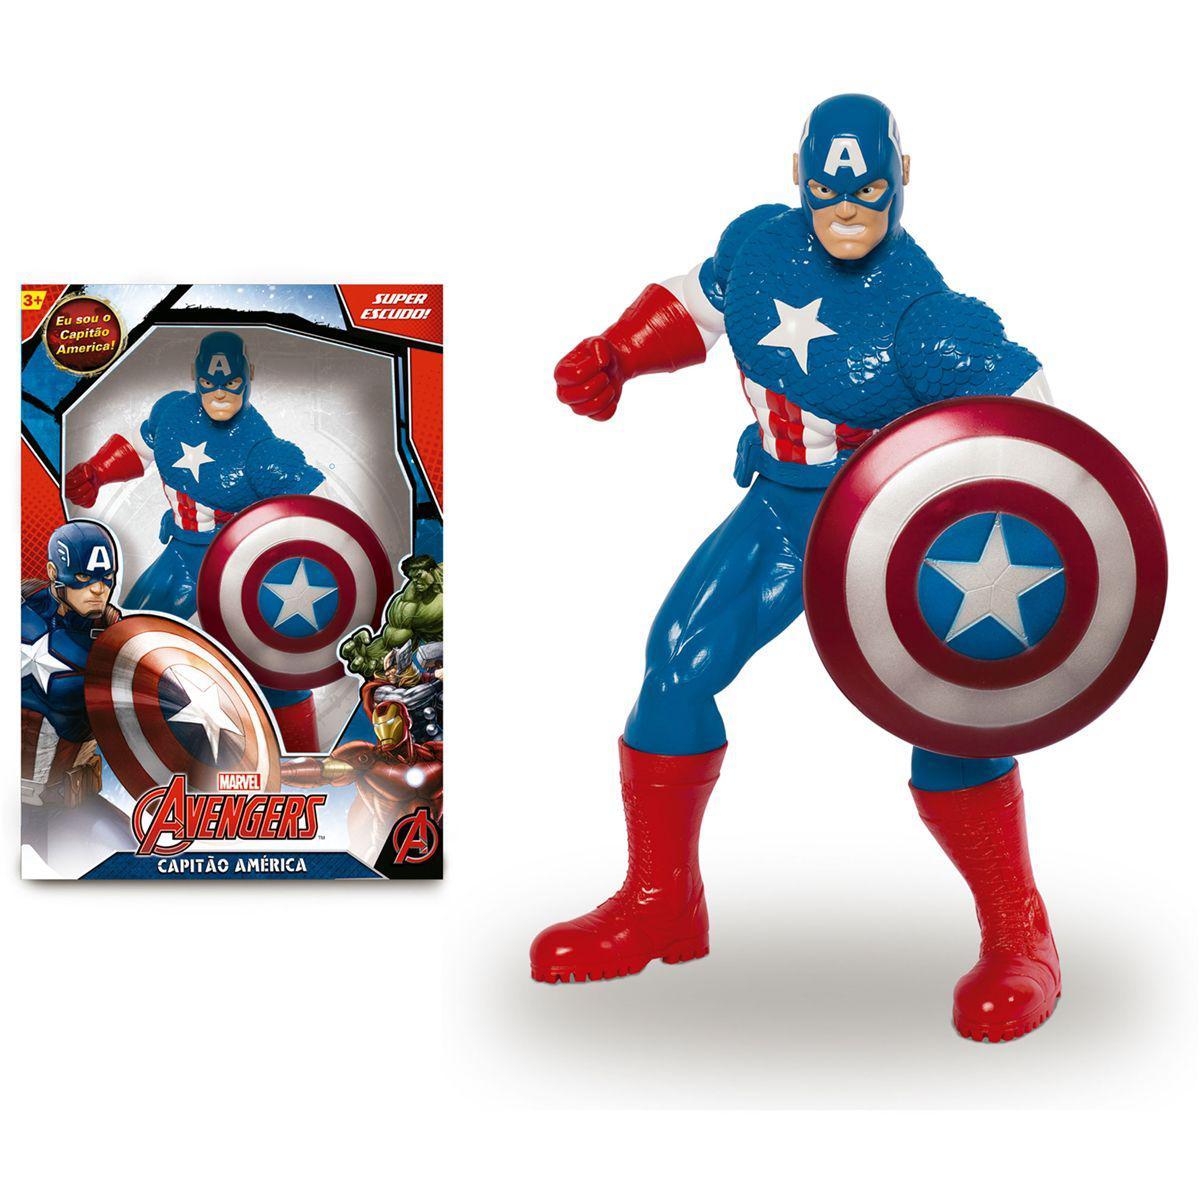 816f4b2726bc7 Boneco Capitão América - Avengers Comics - Mimo - Bonecos - Magazine ...